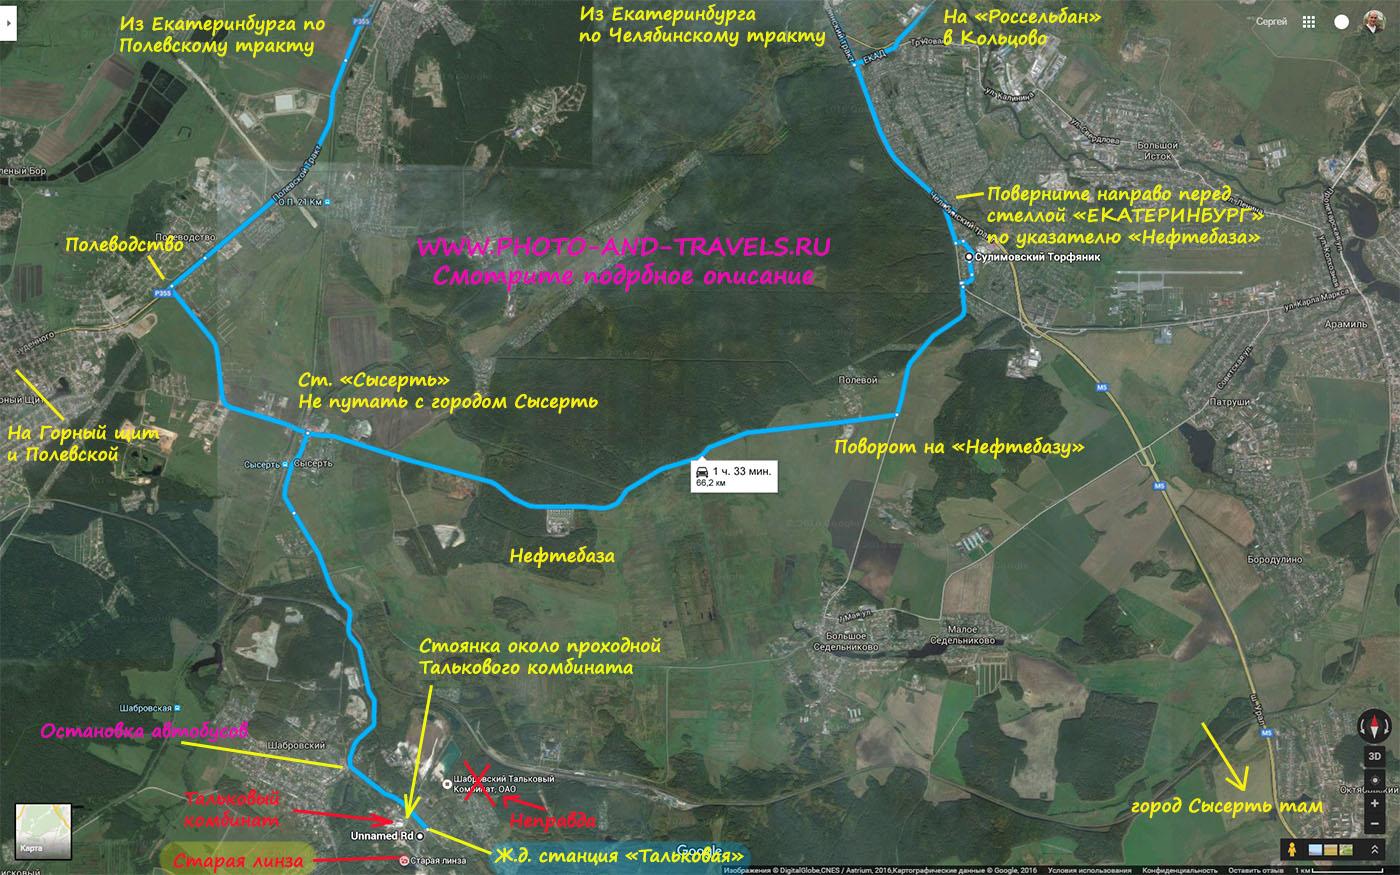 Карта расположения заброшенного талькового карьера Старая линза со схемой, как добраться на машине или на автобусе из Екатеринбурга. Можно понять, как доехать по Полевскому или Челябинскому тракту, через аэропорт Кольцово.